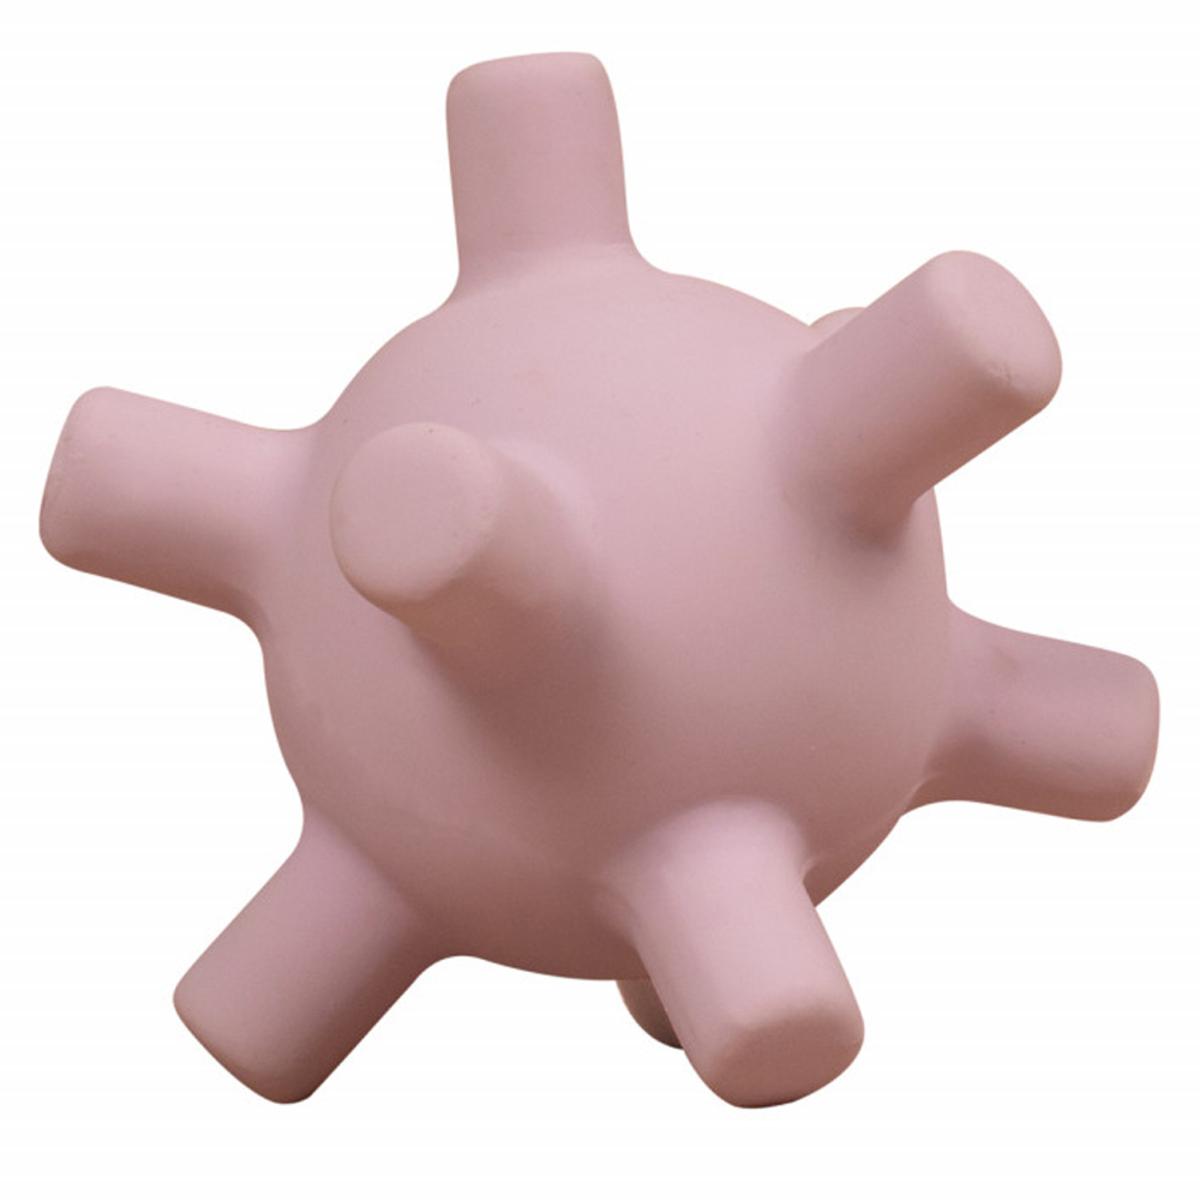 Mes premiers jouets Balle Sensorielle - Light Lavender Balle Sensorielle - Light Lavender